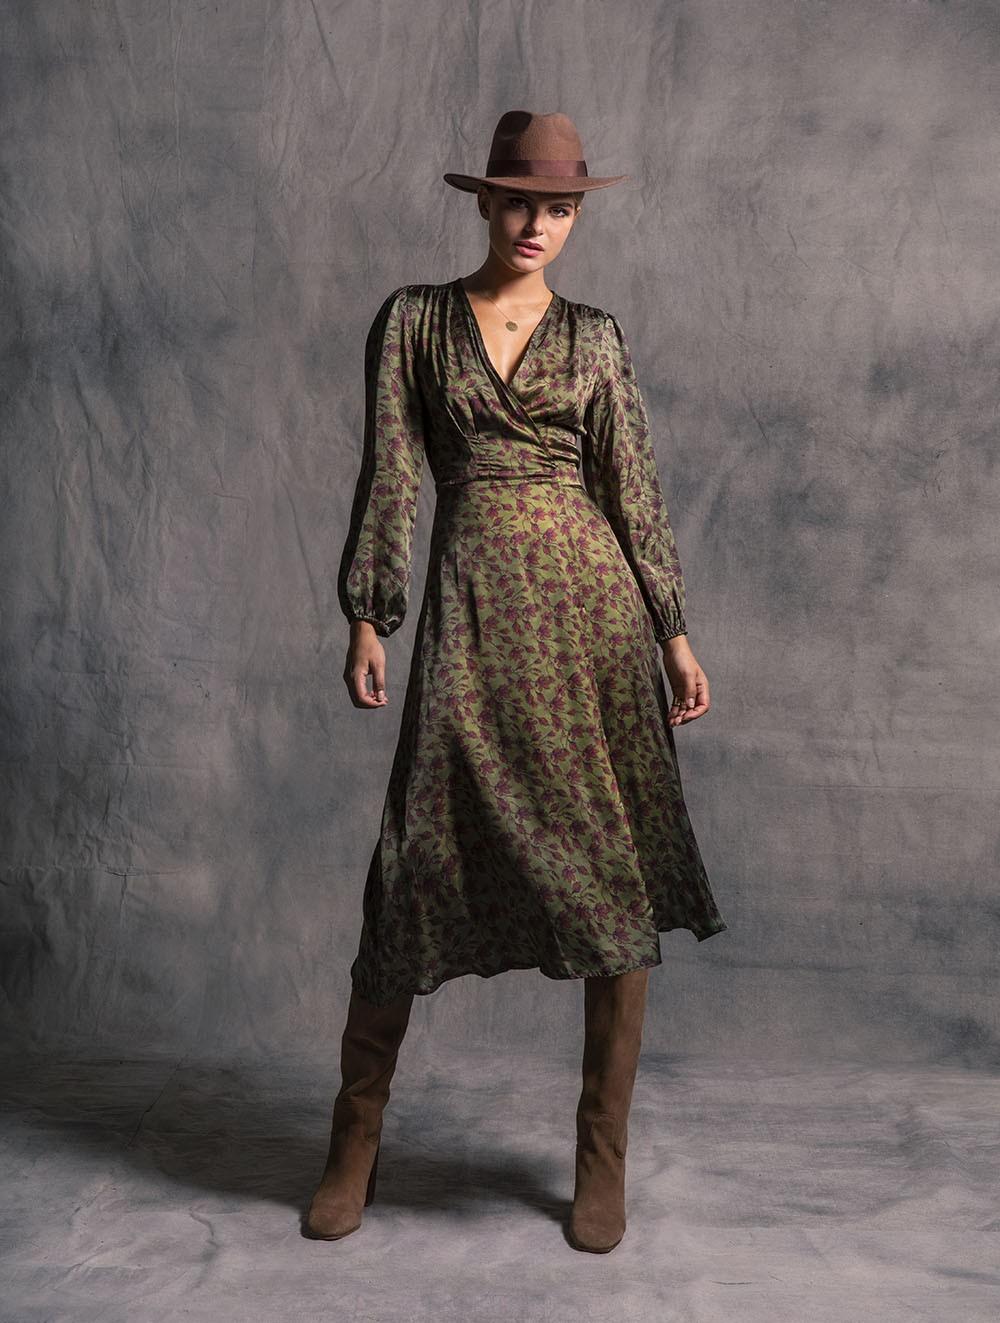 Γυναικεία Ρούχα FOREVERYOUNG STEPHANIE FLORAL DRESS